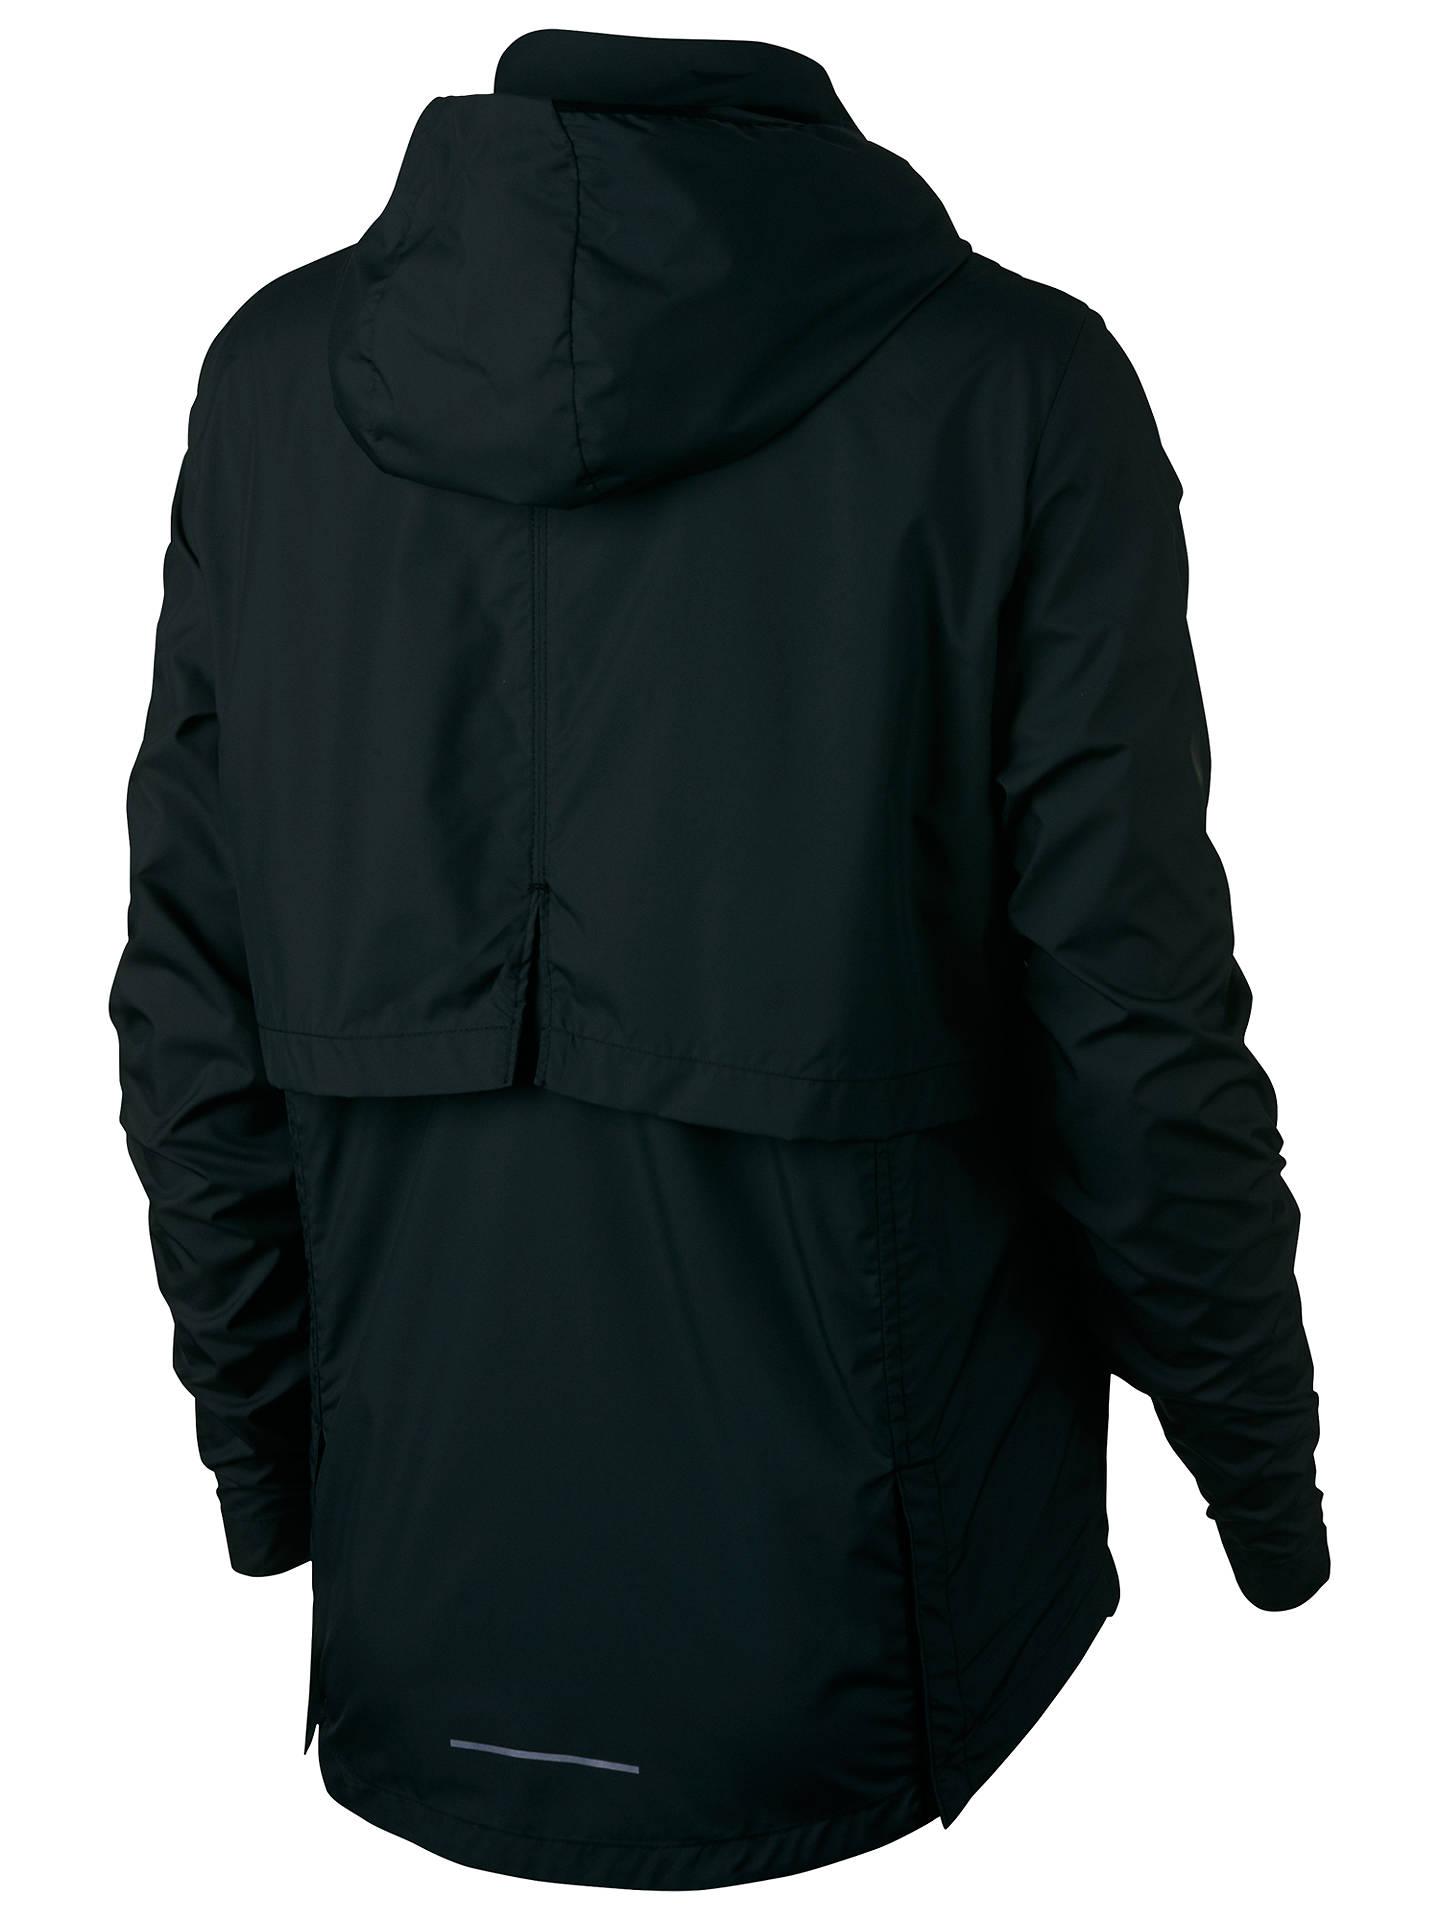 1d3d3ec78b08 ... Buy Nike Essential Hooded Women s Running Jacket